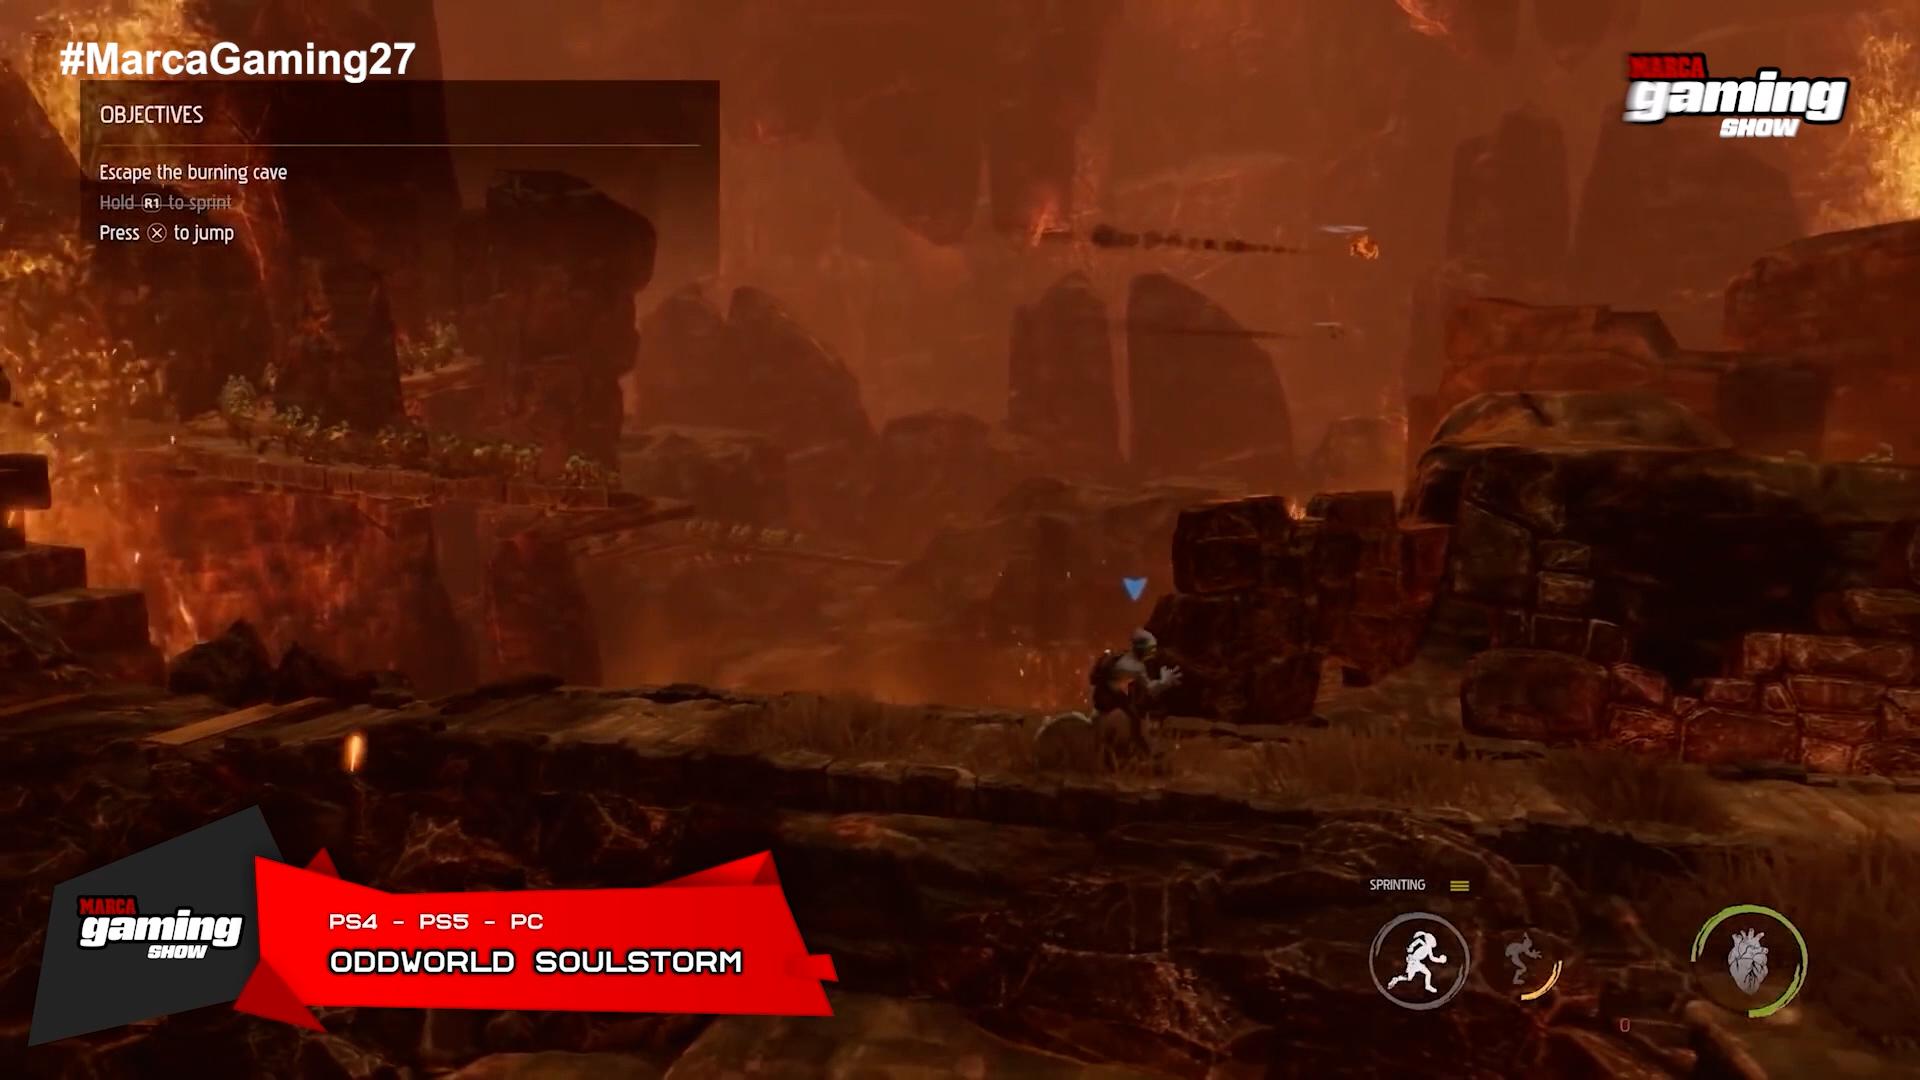 Oddworld Soulstorm (PS4, PS5, PC)